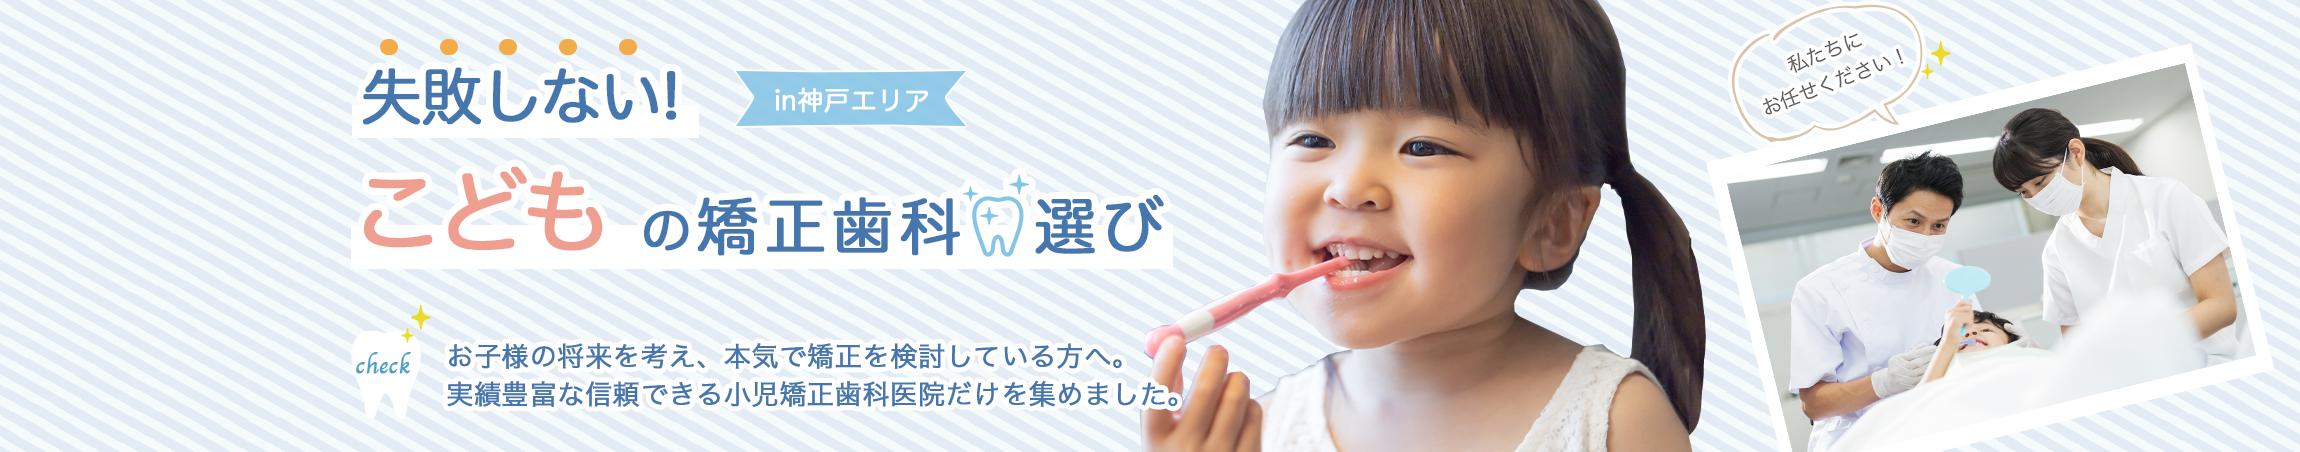 神戸エリアで小児矯正の実績豊富な歯科医院